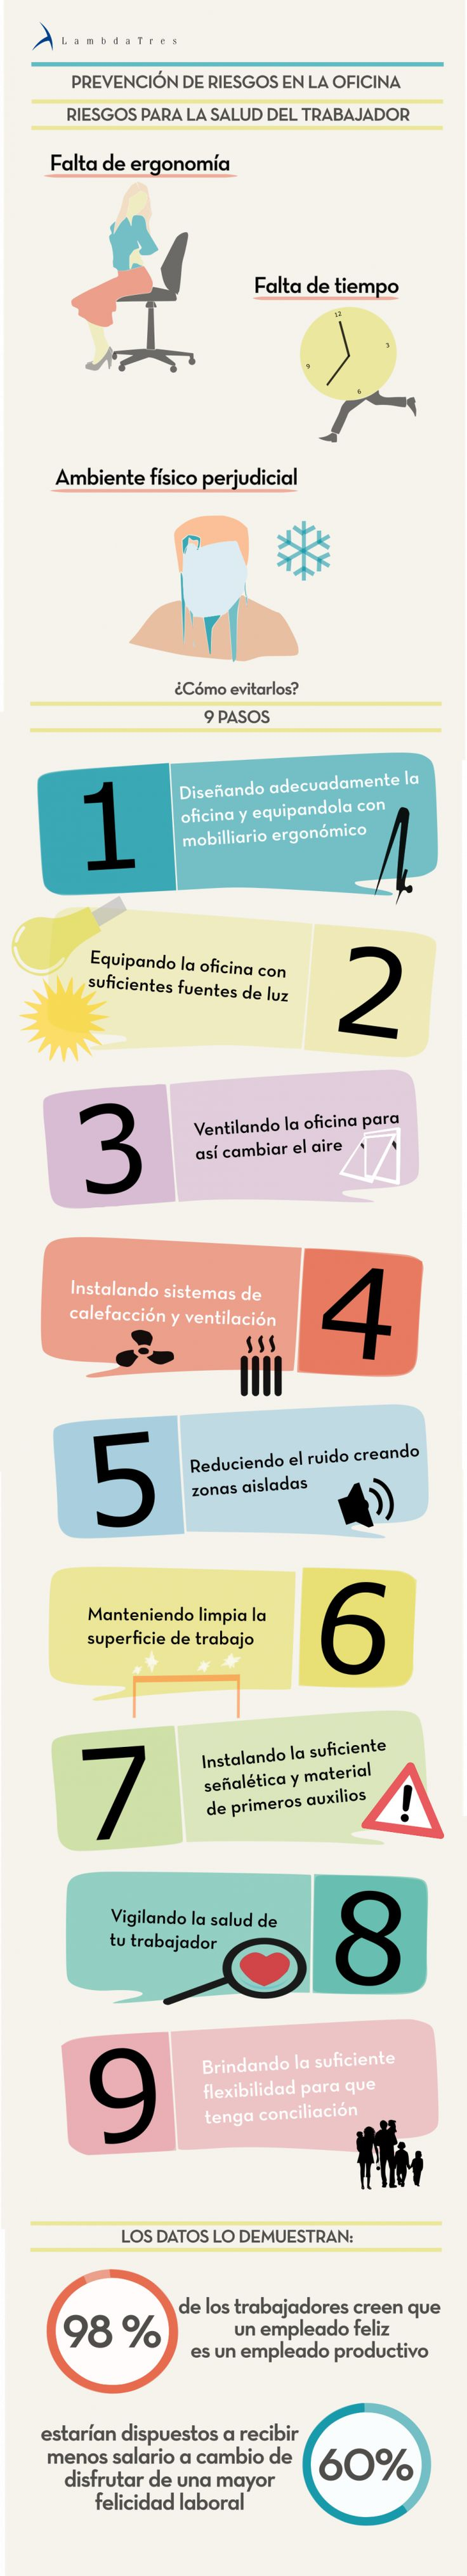 Infografía Prevención de Riesgos en la Oficina